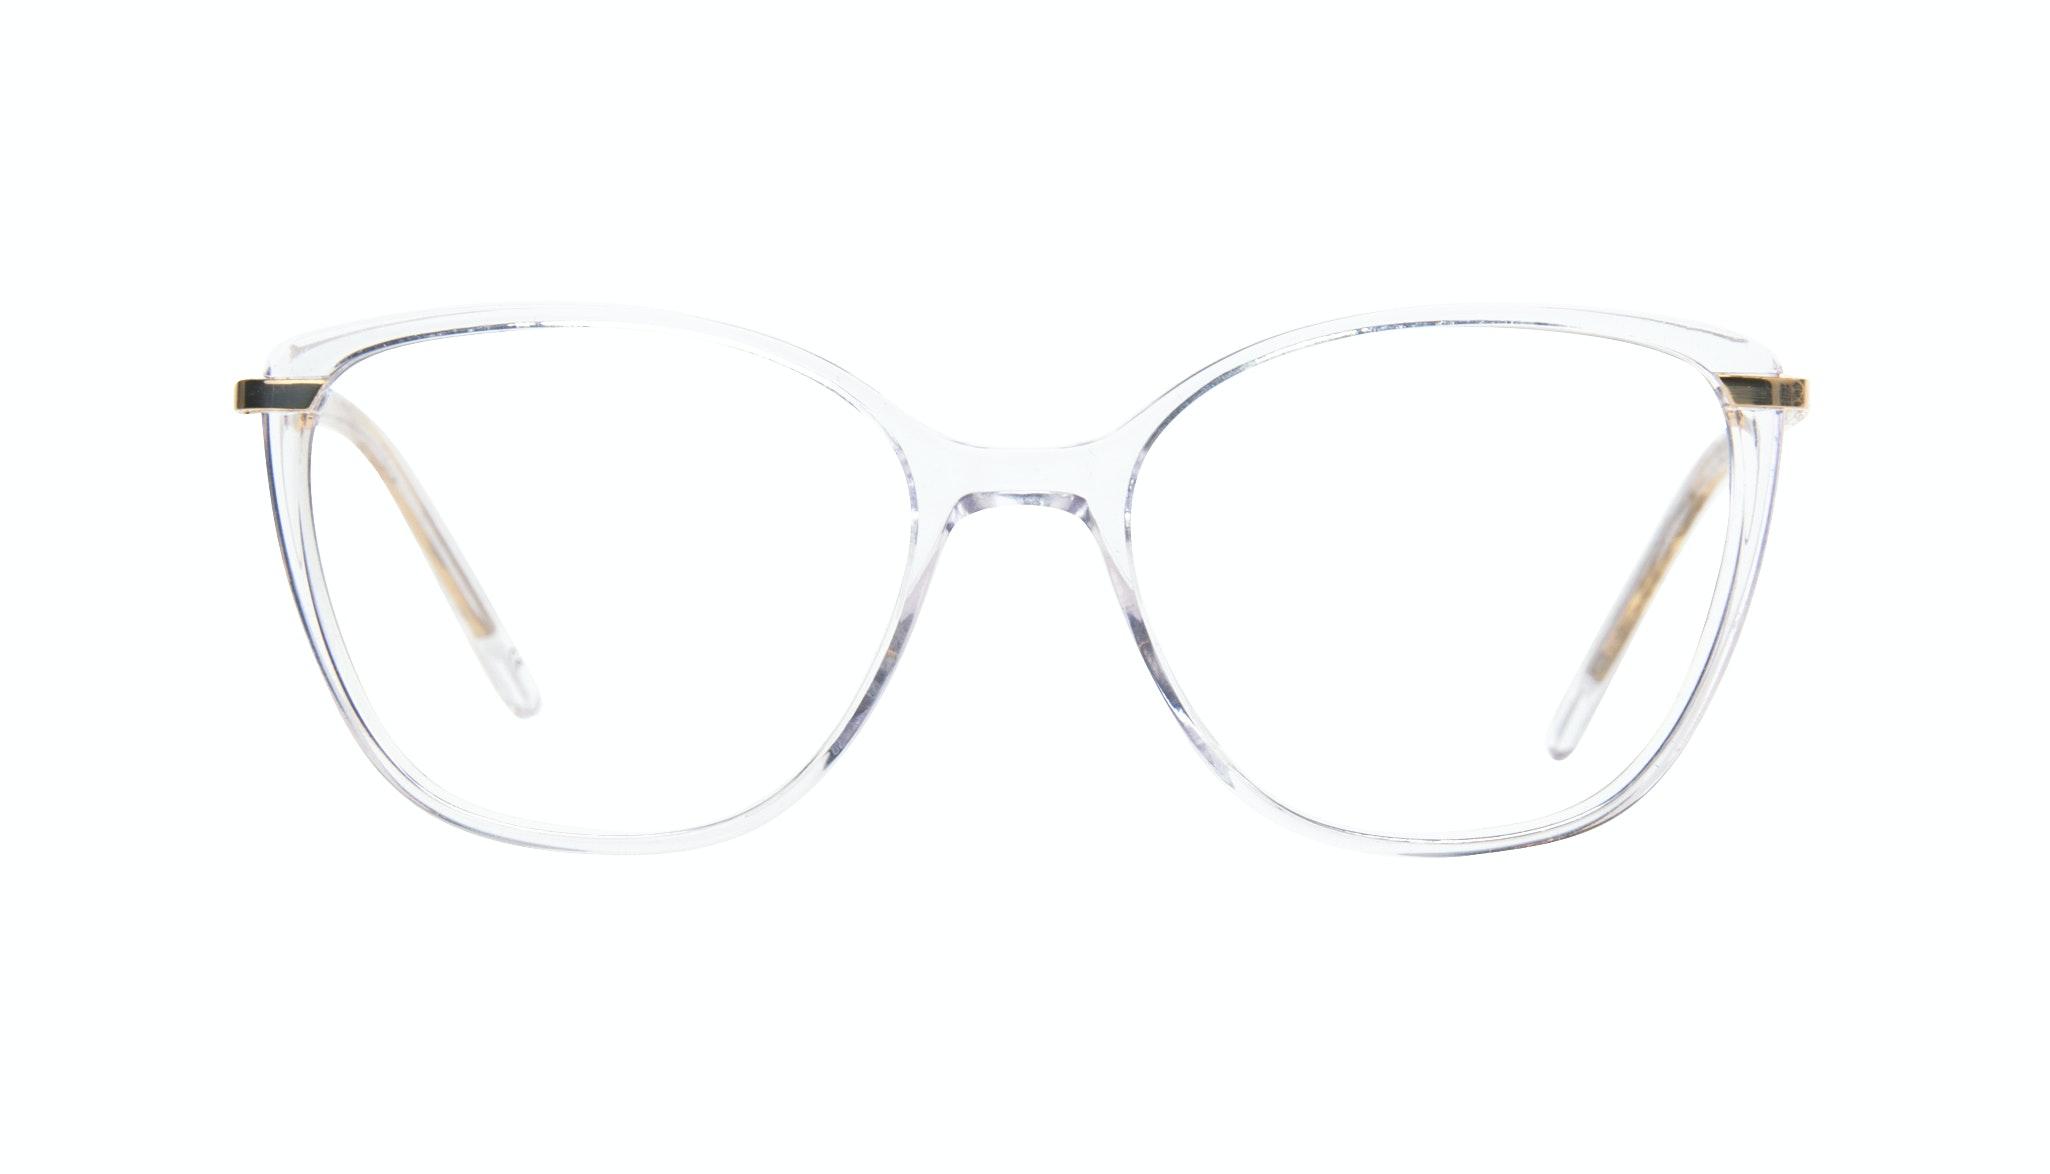 Lunettes tendance Oeil de chat Rectangle Carrée Lunettes de vue Femmes Illusion Gold Diamond Face